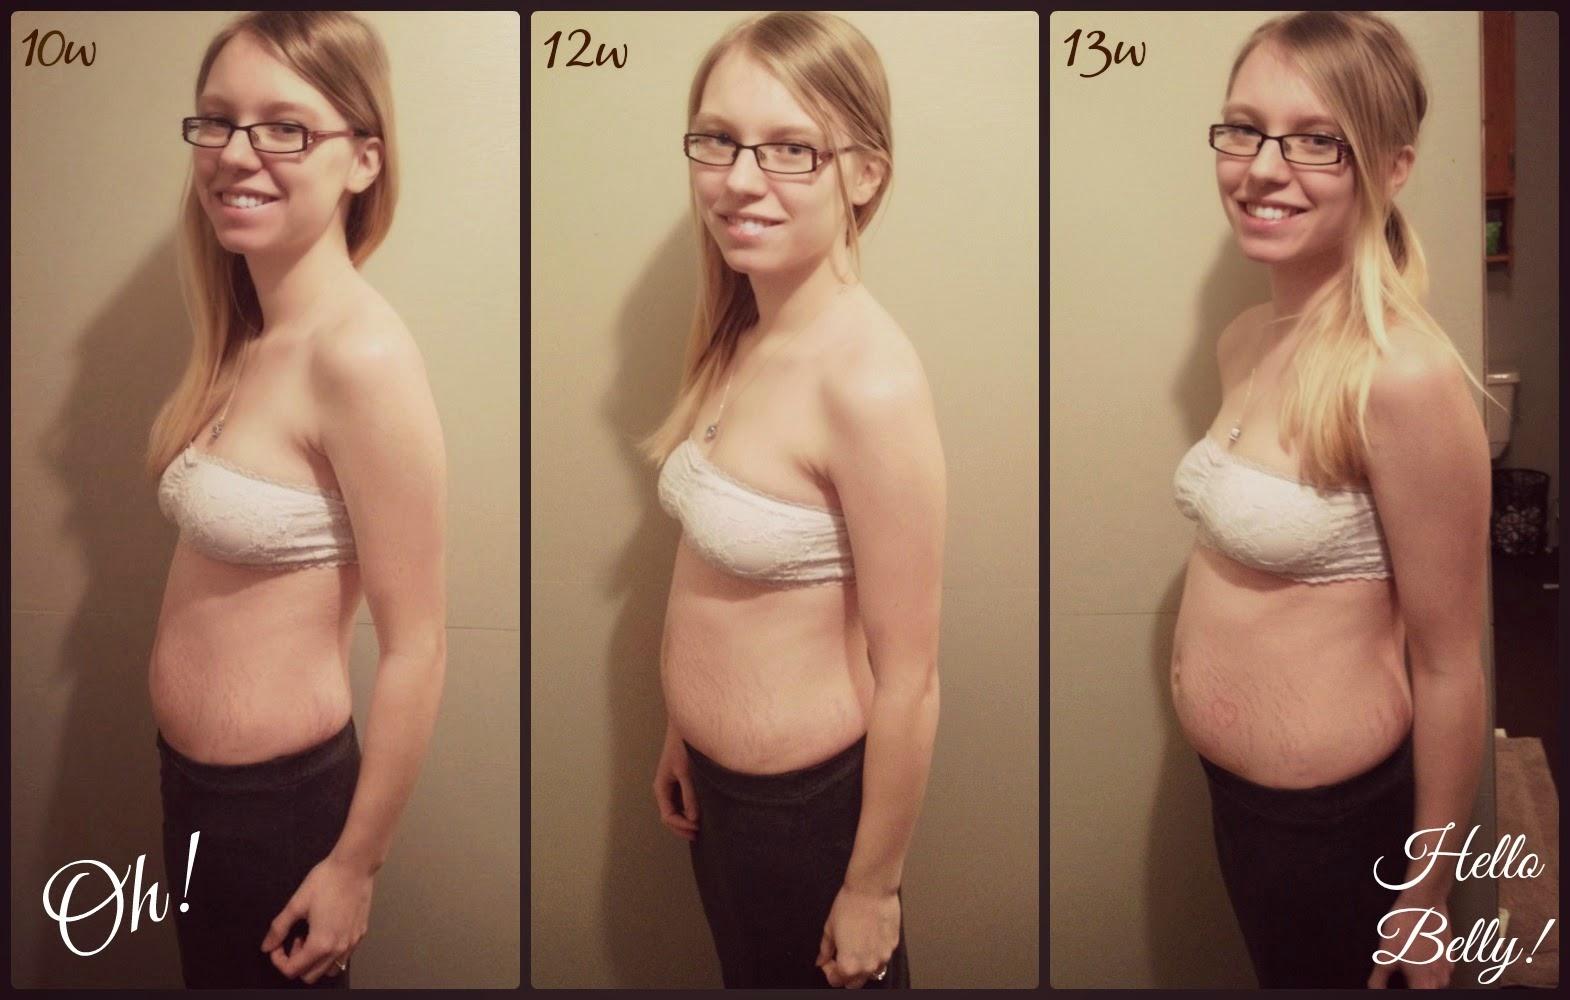 Last week, 13 weeks, my belly seemed to explode!!